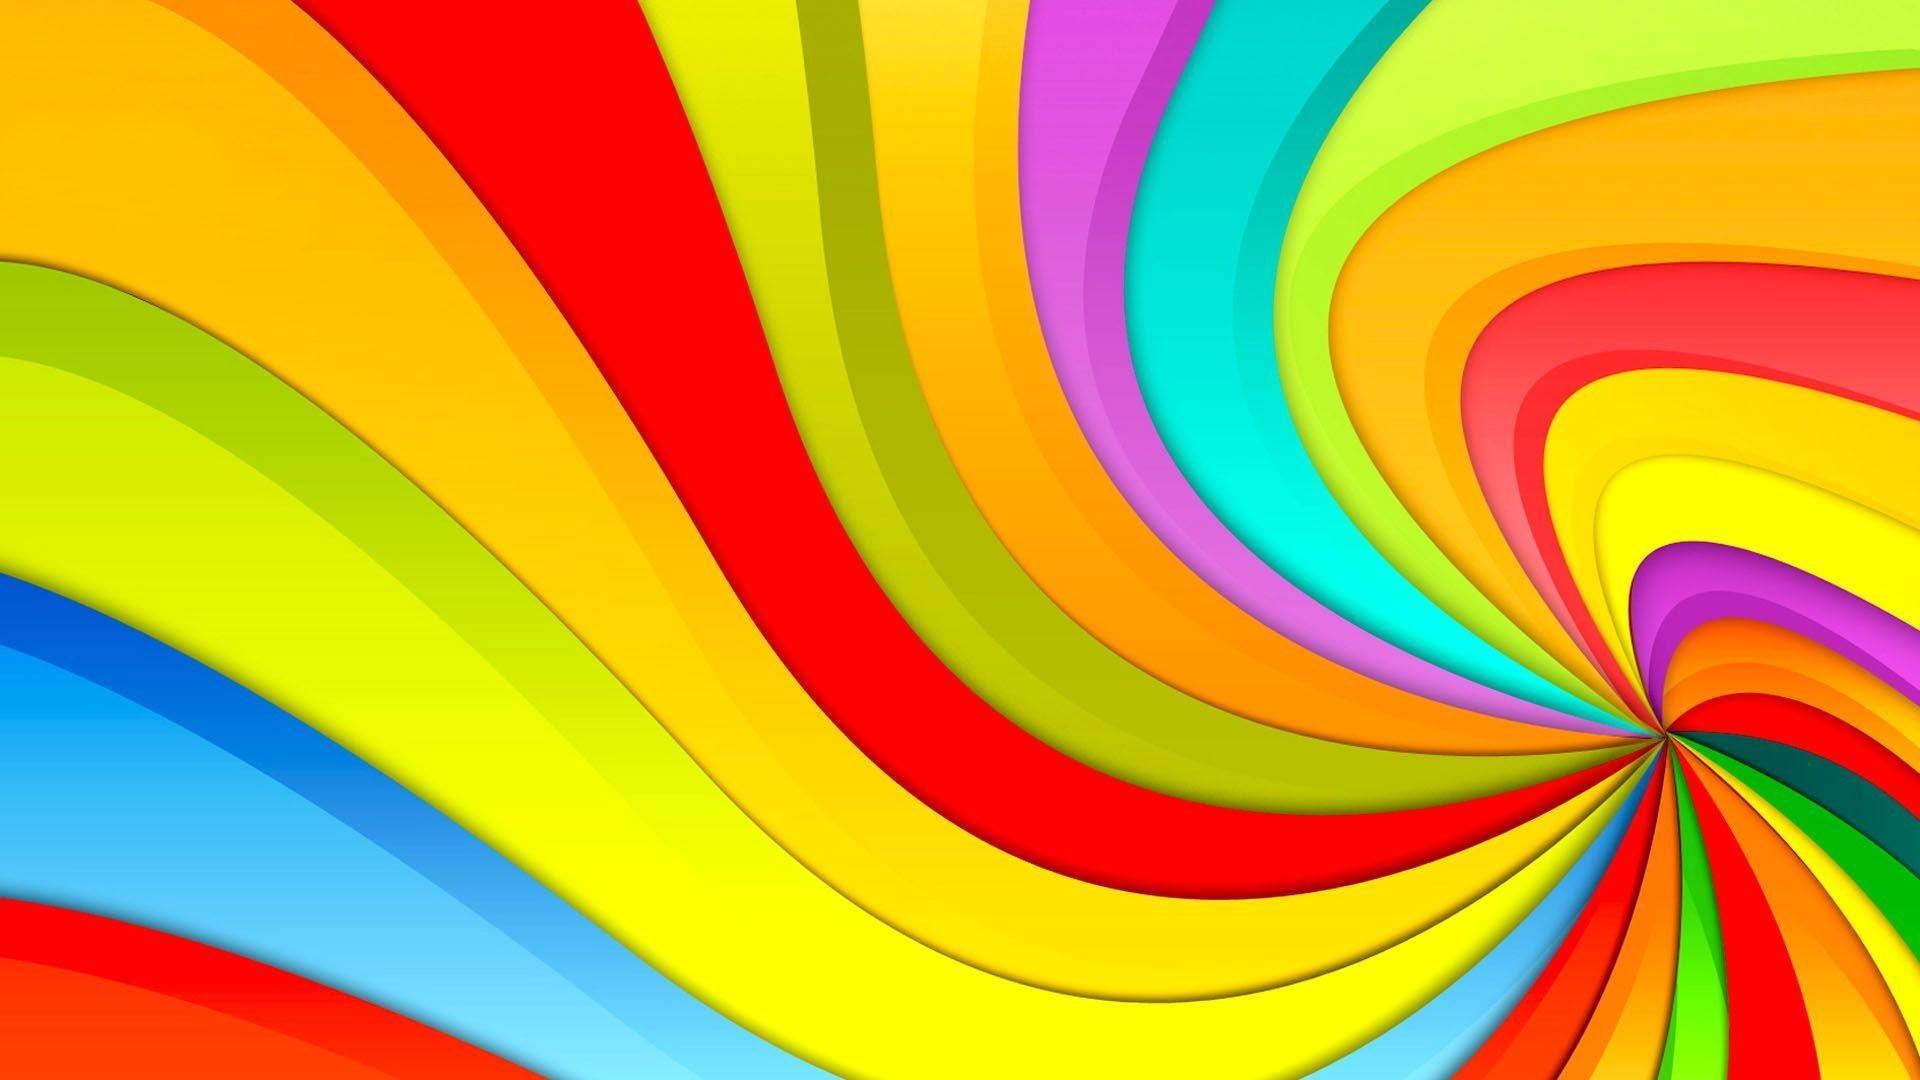 Res: 1920x1080, HD Bright Wallpapers - WallpaperSafari